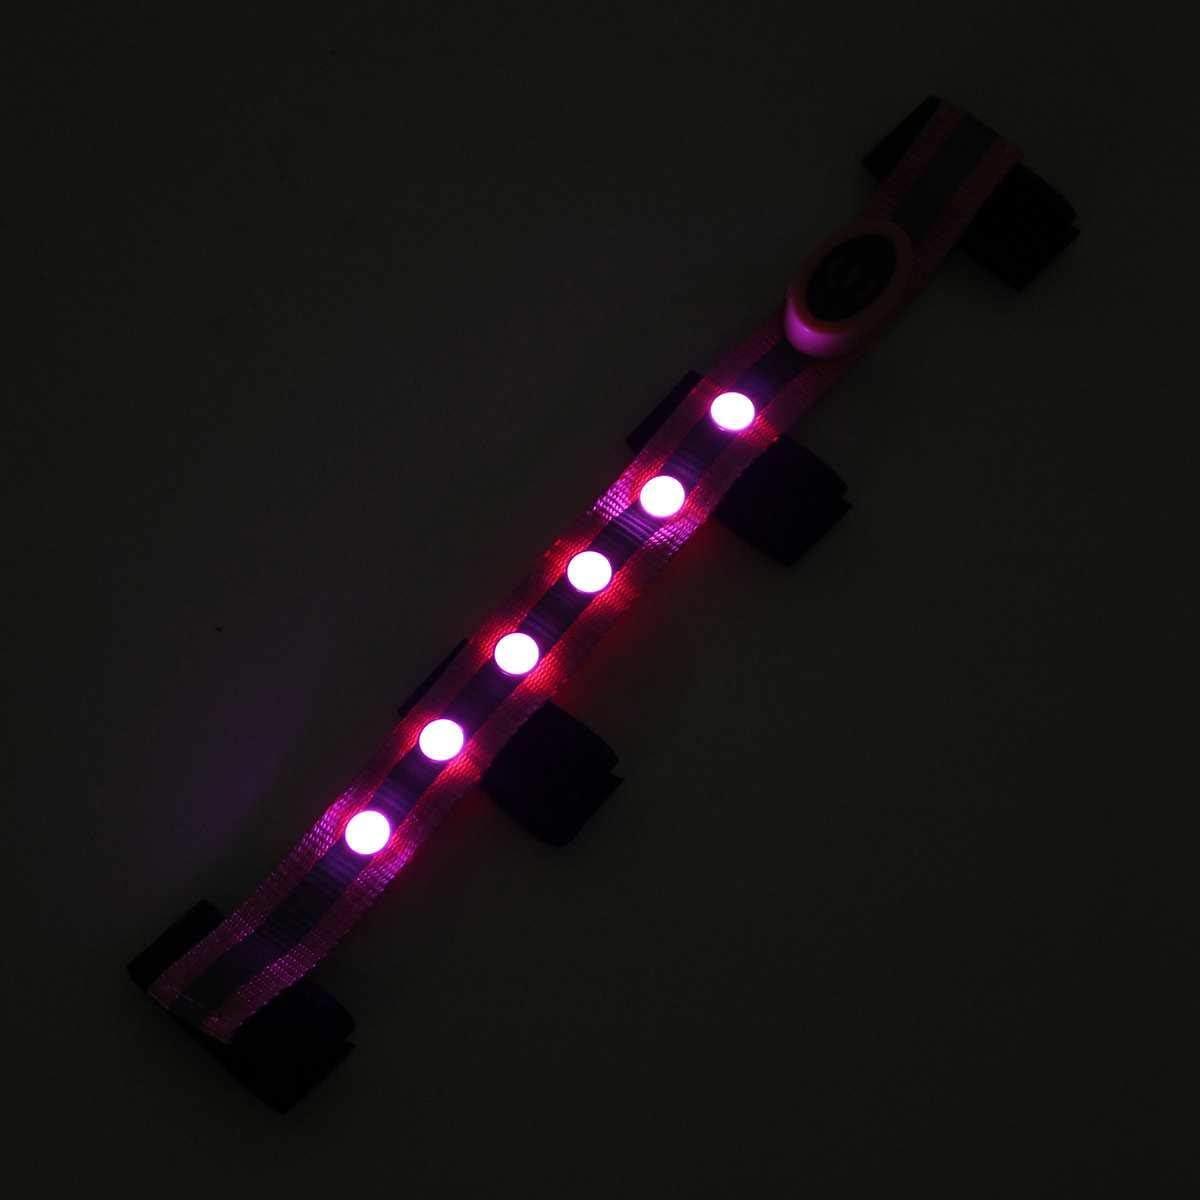 GCSEY Caballos Larga LED De Montar La Cabeza De Decoración Luminosa Tubos Caballos De Montar Ecuestres De Una Silla De Caballo Halters Productos De Cuidado